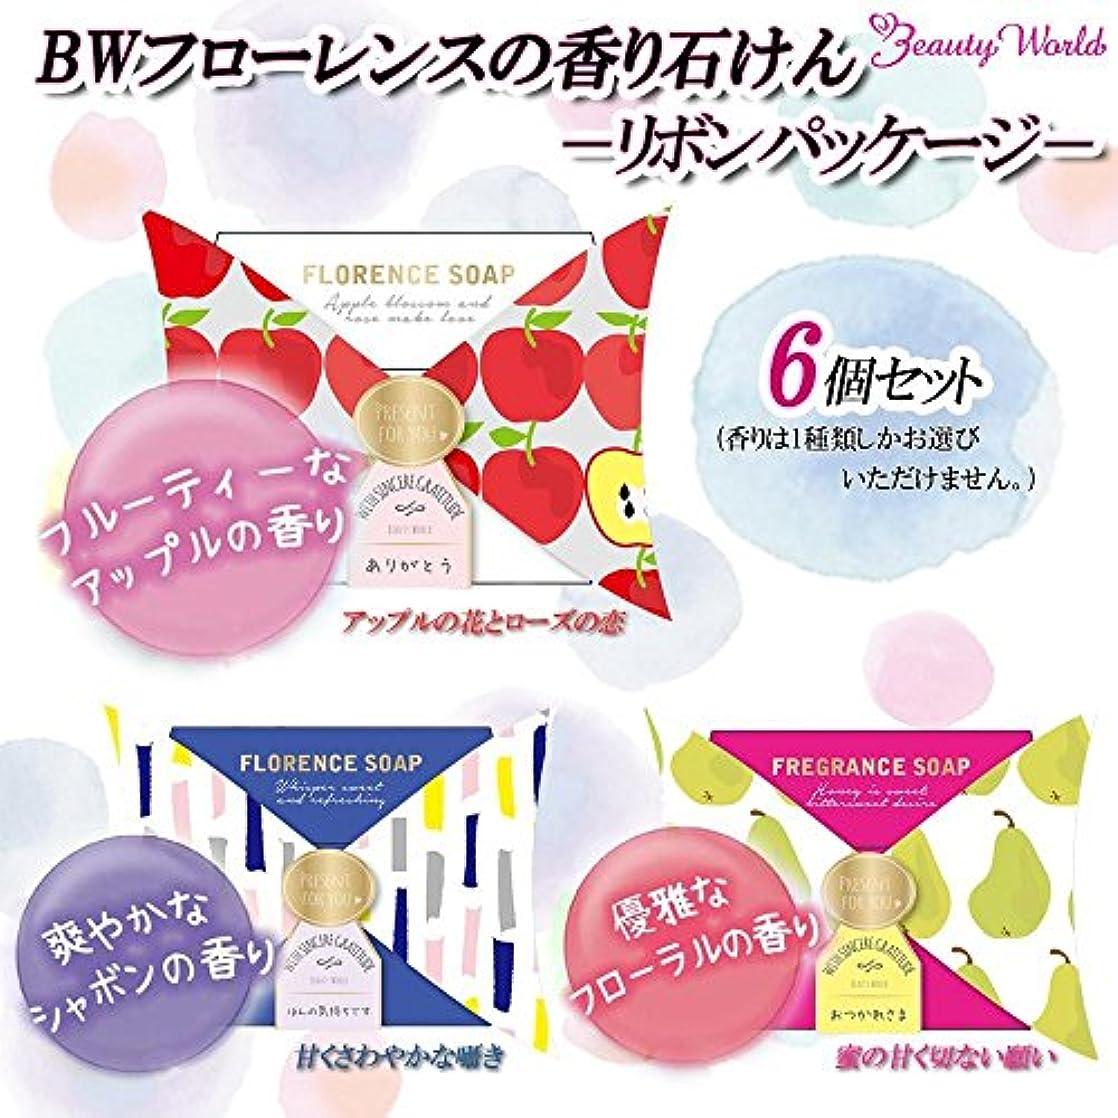 勝者ホイットニー座標ビューティーワールド BWフローレンスの香り石けん リボンパッケージ 6個セット ■3種類の内「FSP386?蜜の甘く切ない願い」を1点のみです